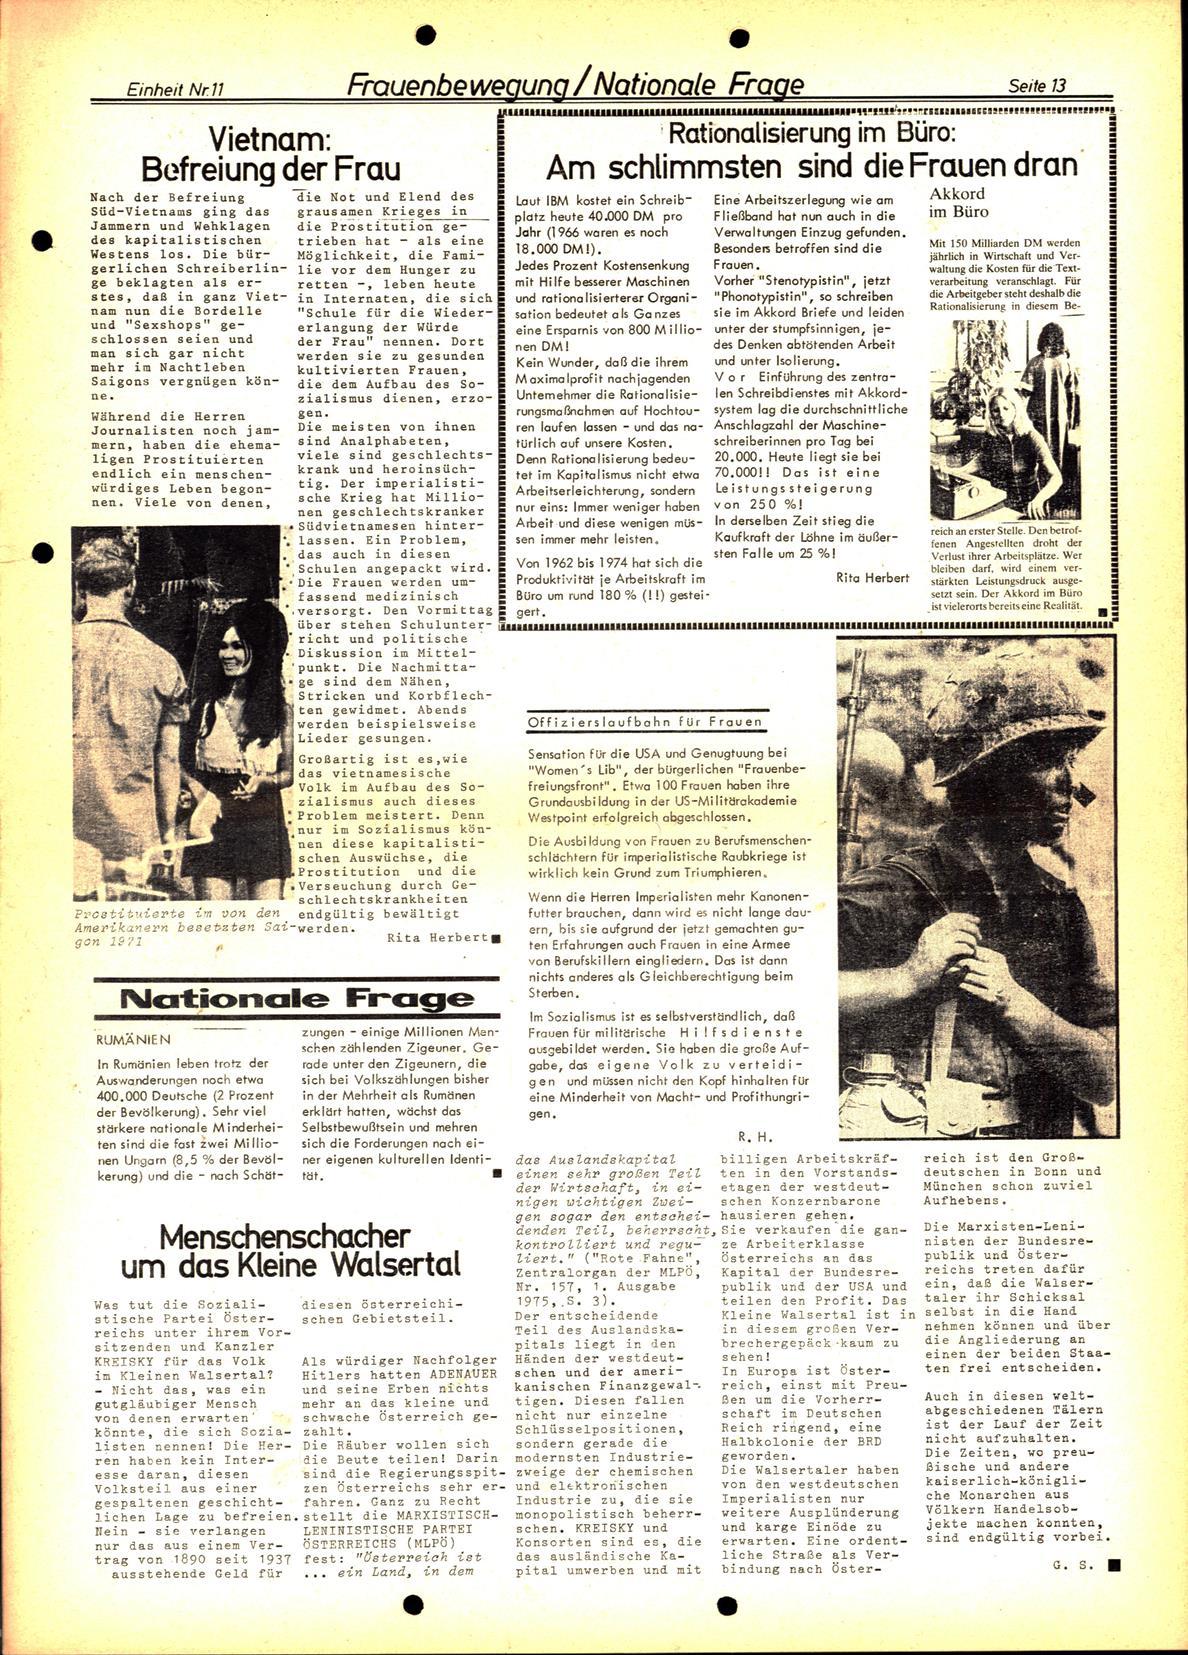 Koeln_IPdA_Einheit_1977_011_013